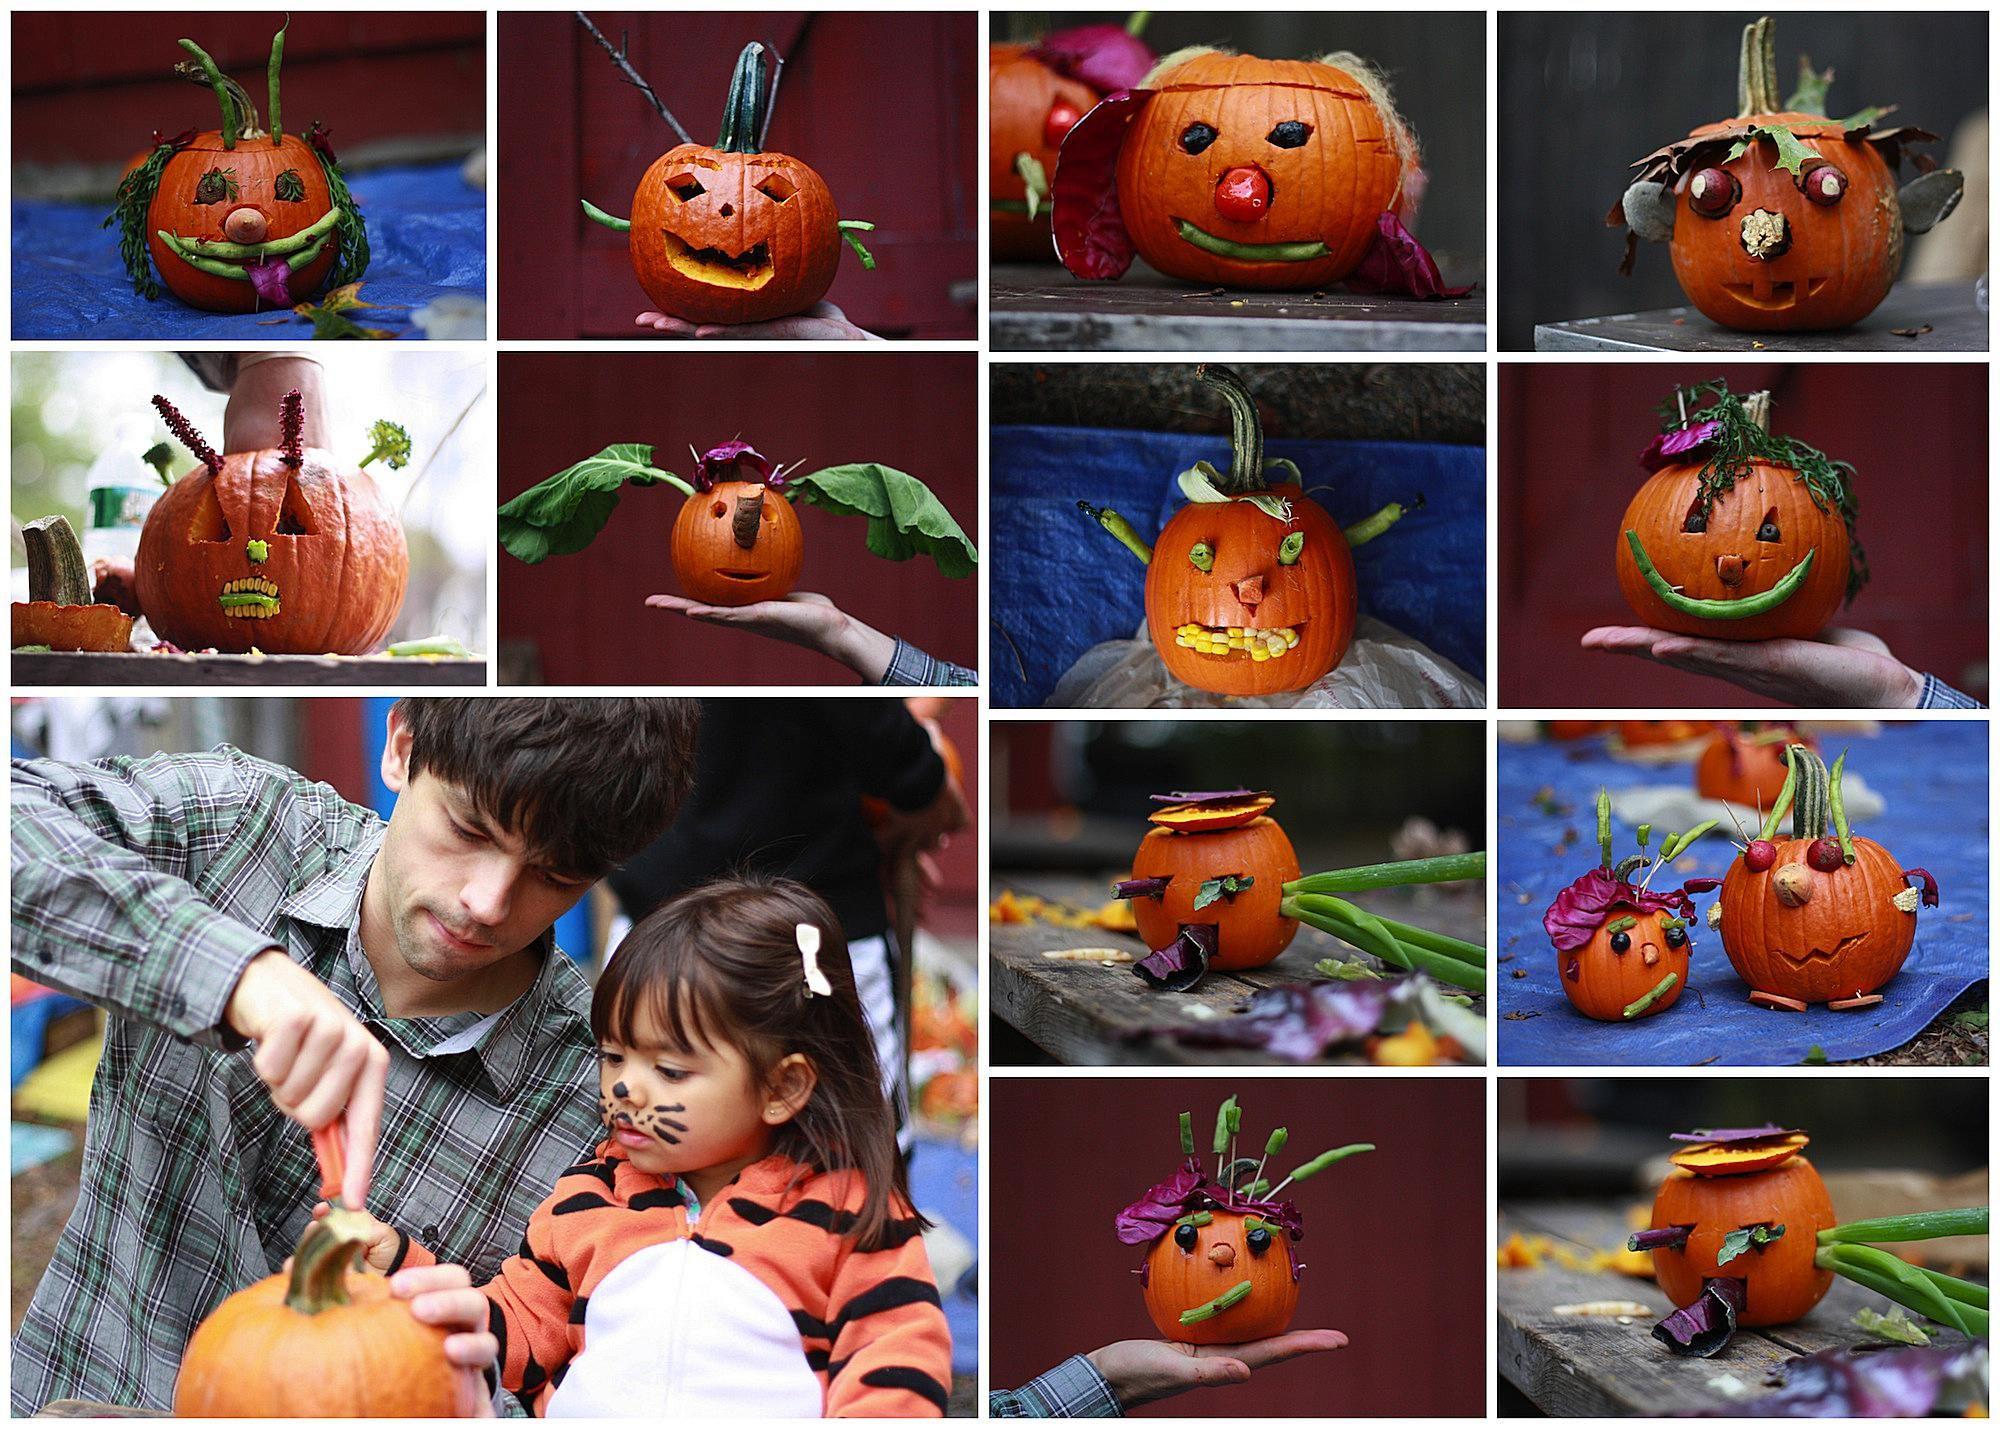 Una ingeniosa forma de decorar tus calabazas for Puertas decoradas halloween calabaza